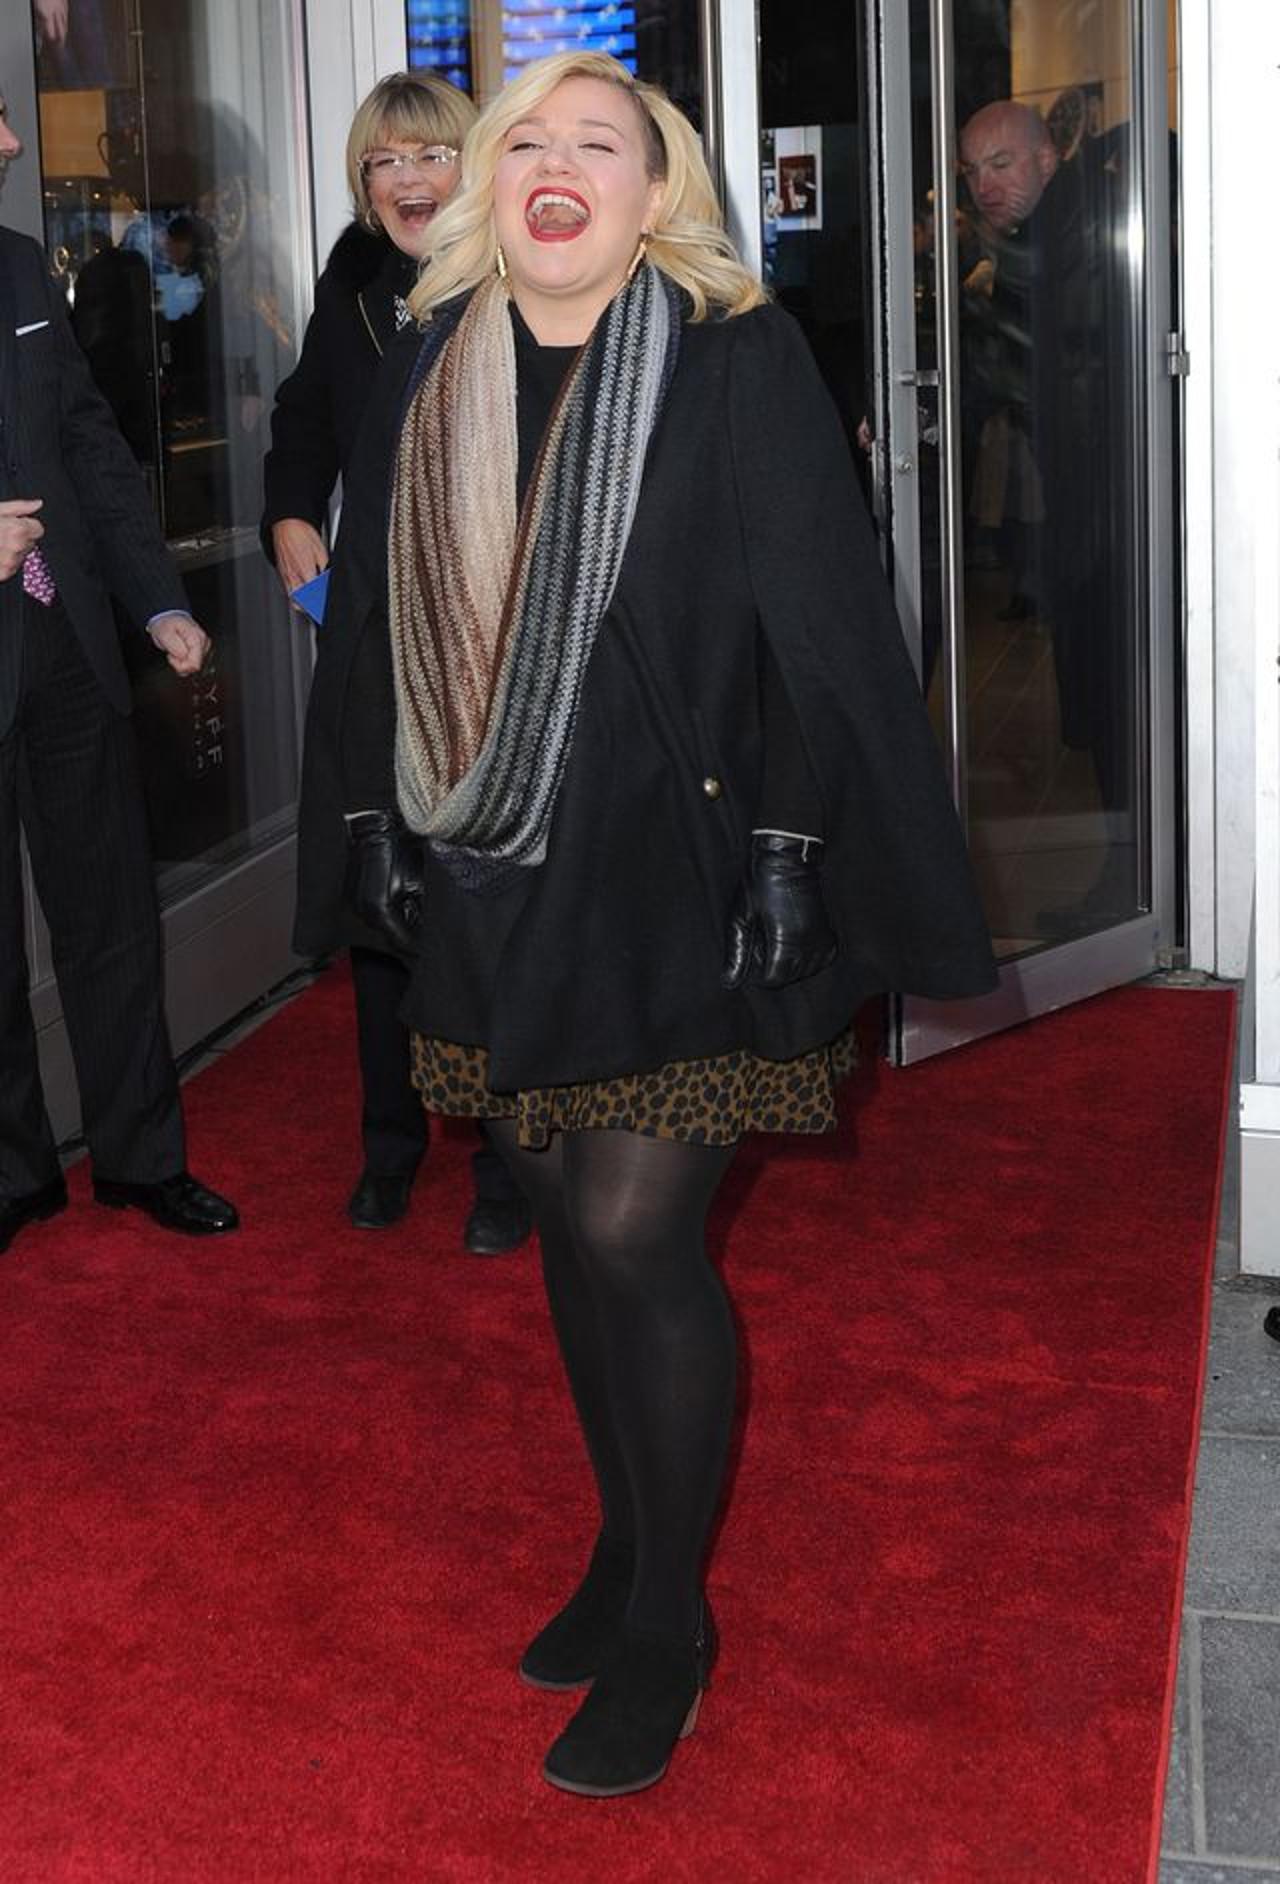 Kelly Clarkson przeszła ogromną metamorfozę. Gwiazda sporo schudła.